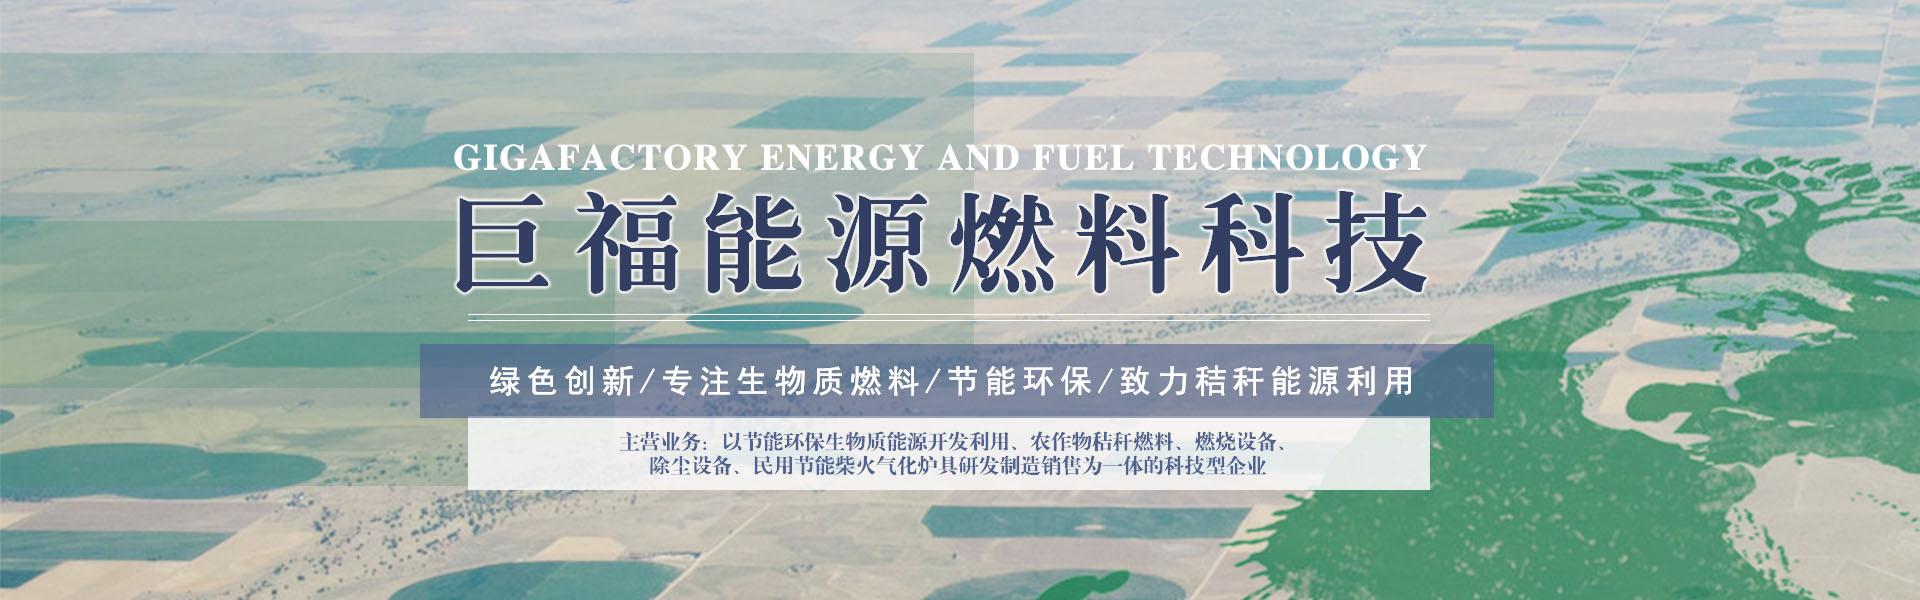 甘肃生物质燃料厂家武威市巨福能源燃料科技有限公司是以节能环保生物质能源开发利用、农作物秸秆燃料、燃烧设备、除尘设备、民用节能柴火气化炉具研发制造销售及燃料生产技术咨询为一体的科技?#25512;?#19994;。